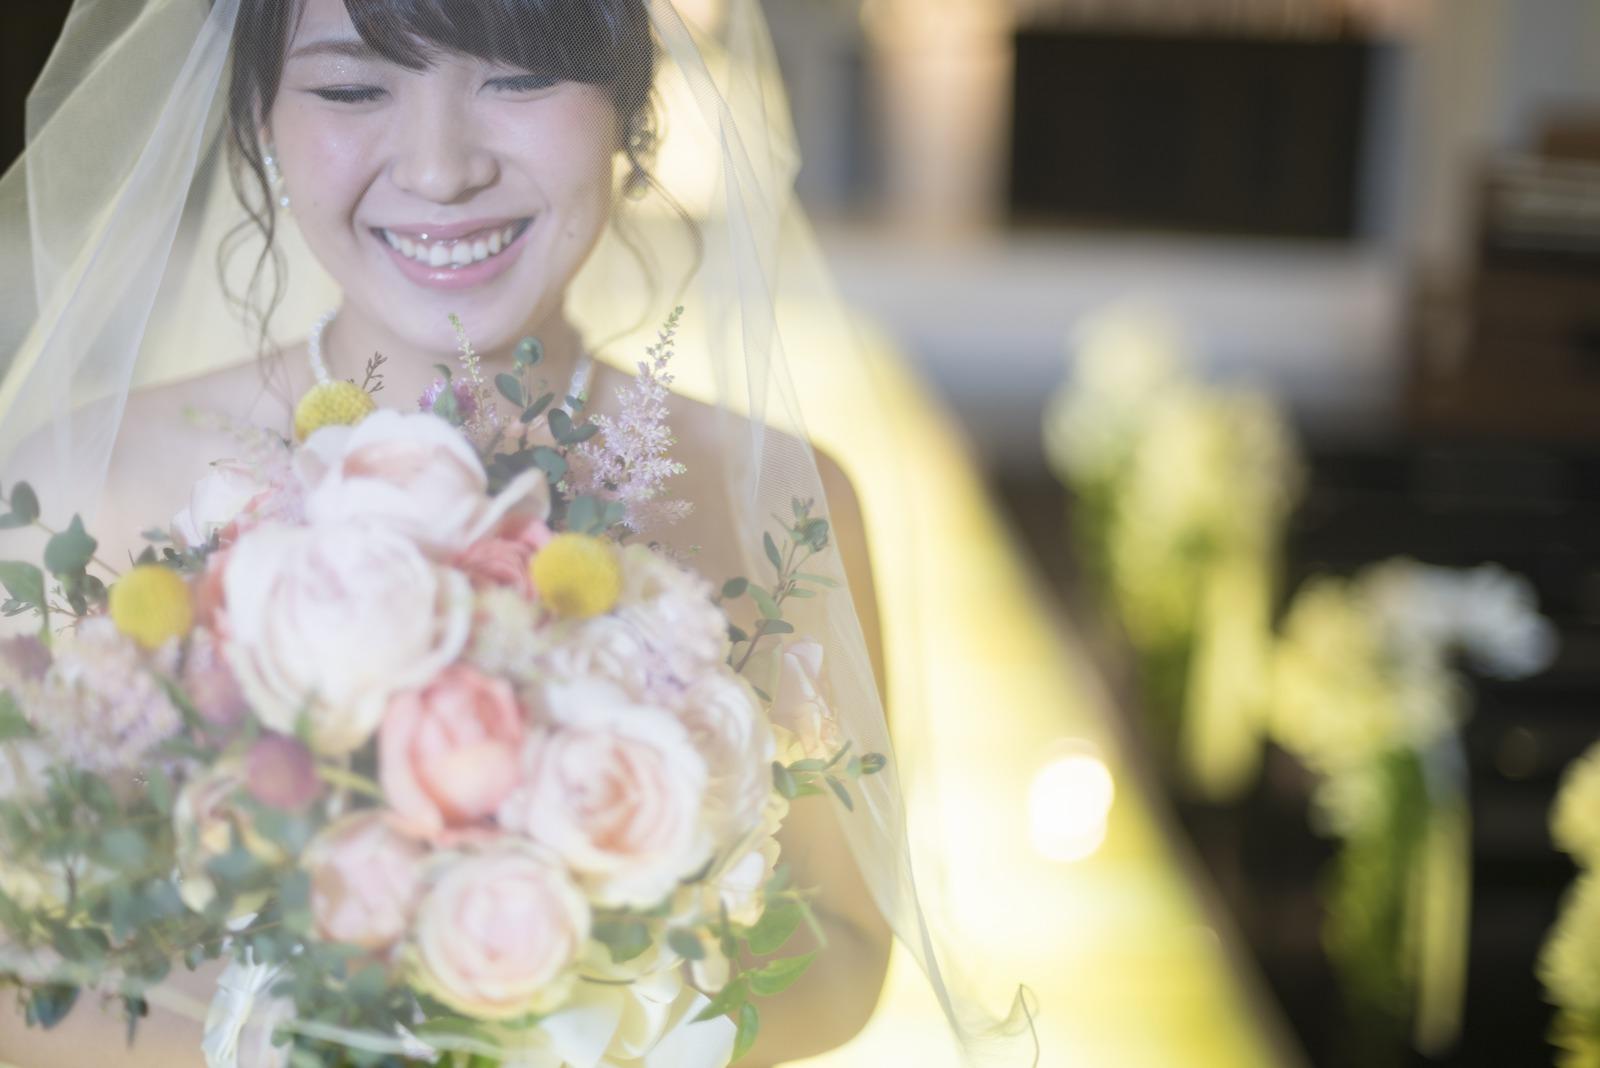 香川県高松市の結婚式場シェルエメール&アイスタイル 花嫁